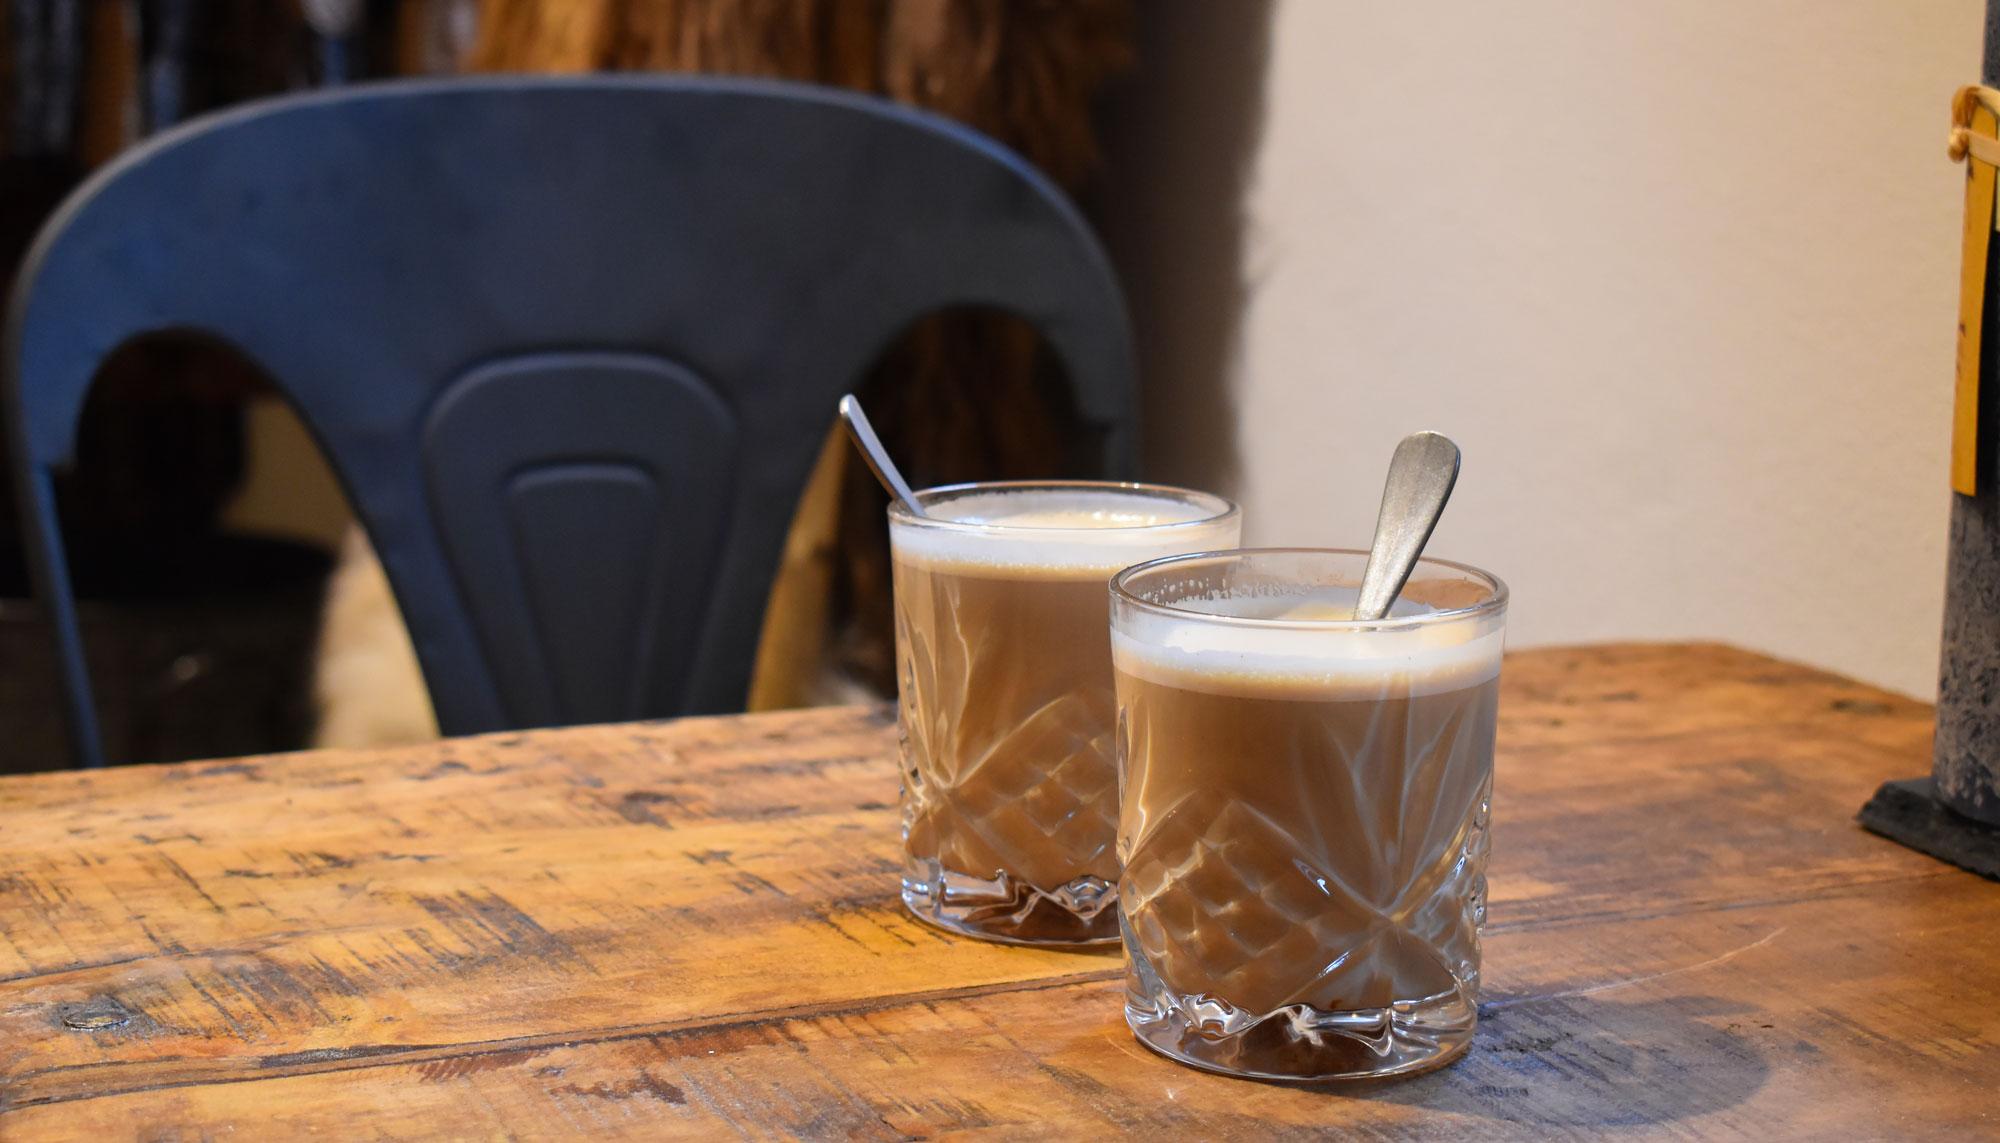 Åbningsreception i weekenden: Livsstilsbutik flytter adresse og får lækker café